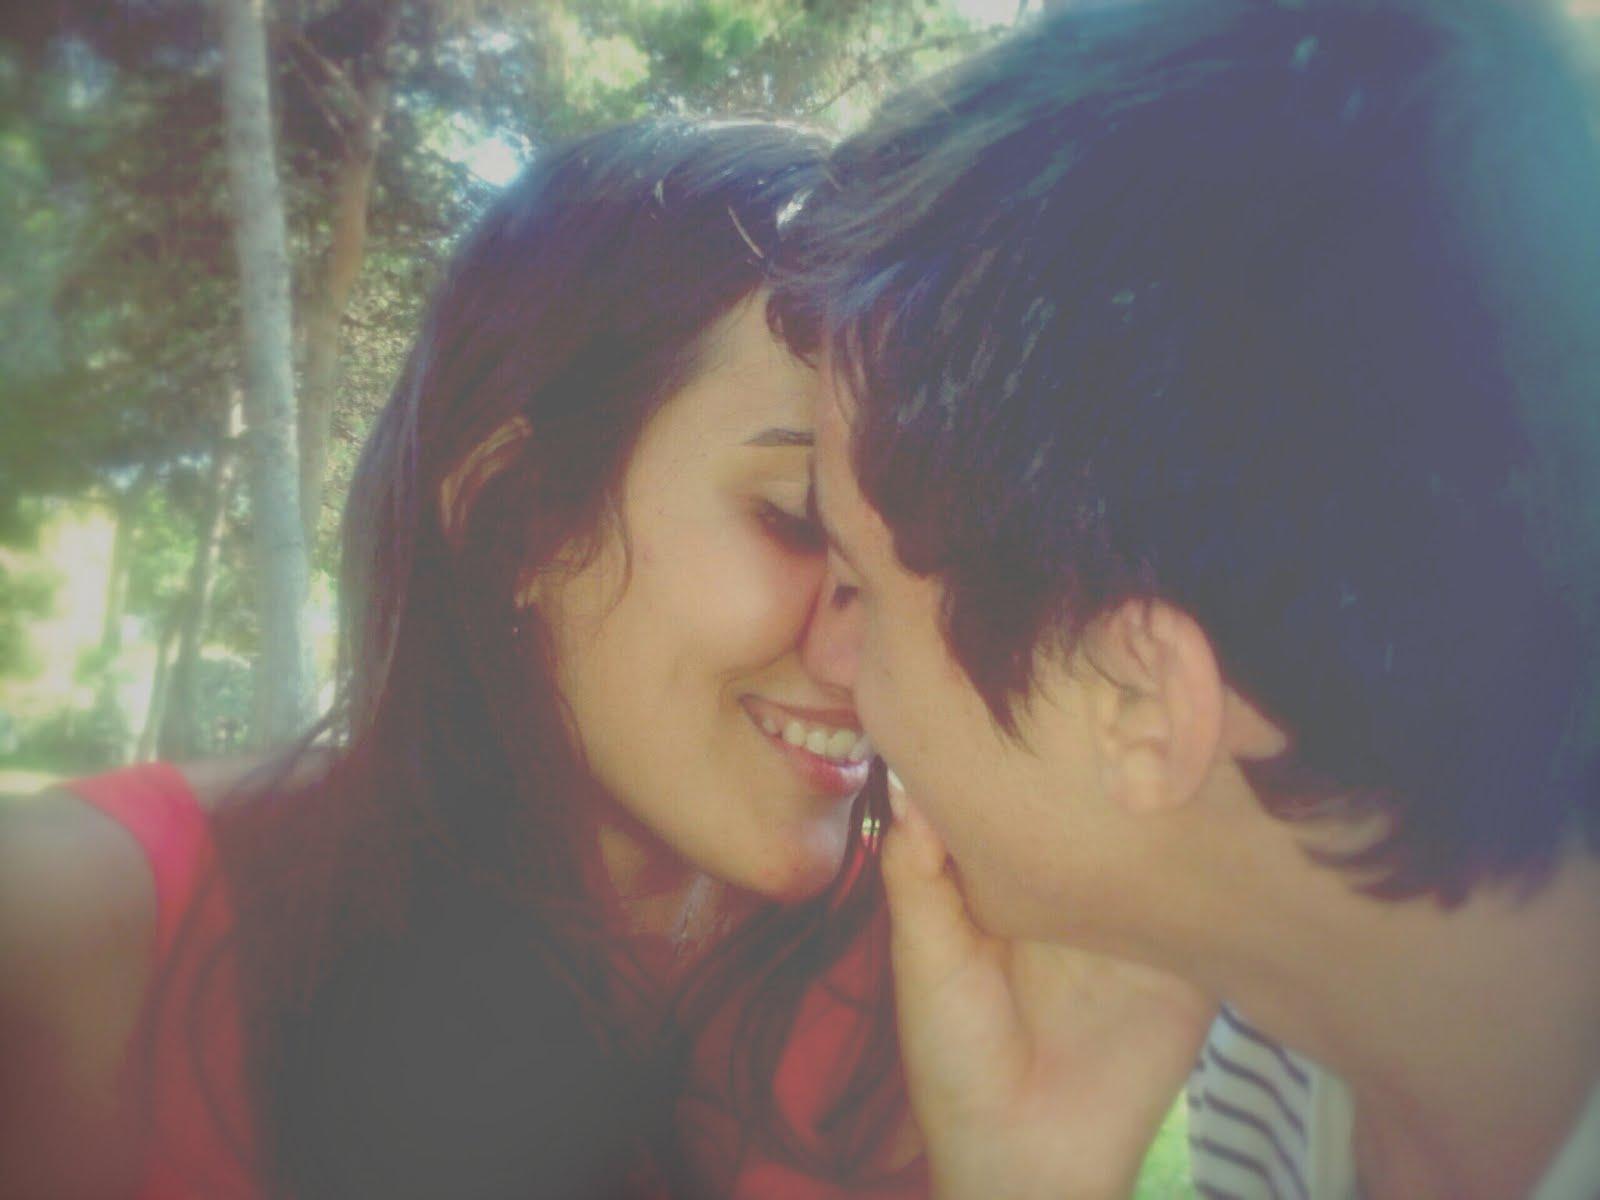 Si besarte no es perfecto... Adoro la imperfección.